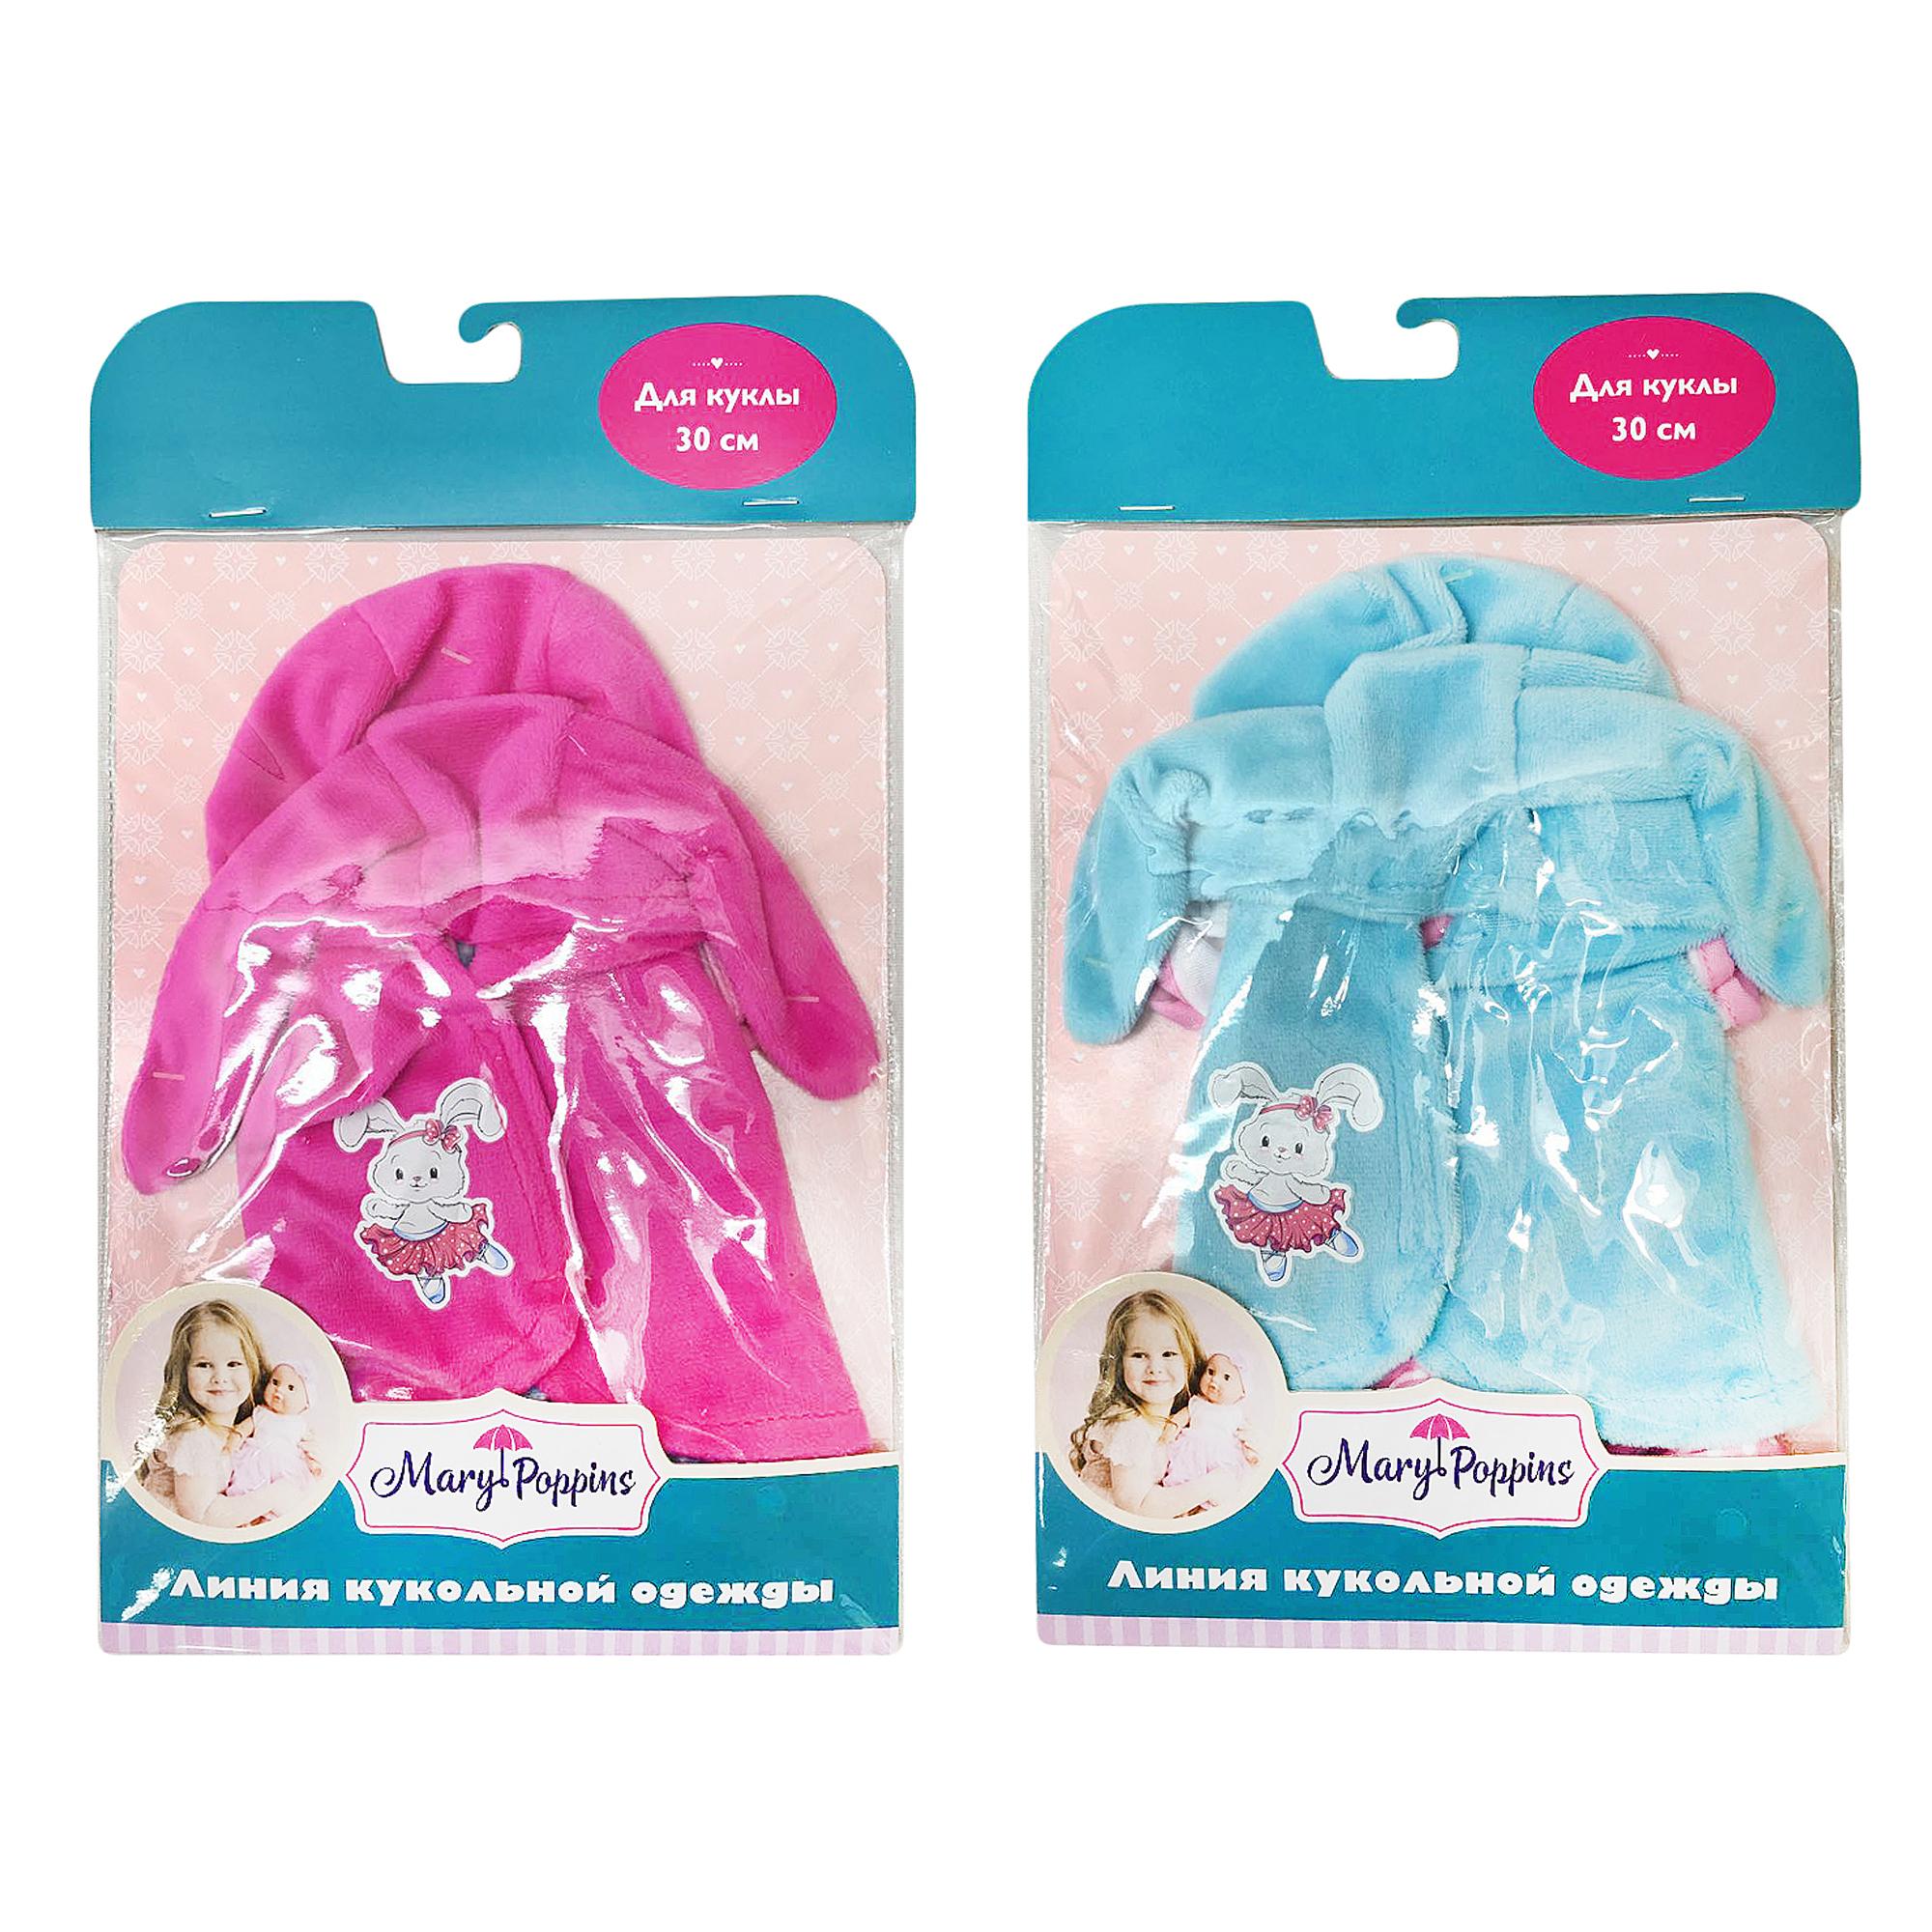 Купить Одежда для куклы, костюм, 1шт., Mary Poppins 452123, Китай, в ассортименте, Женский